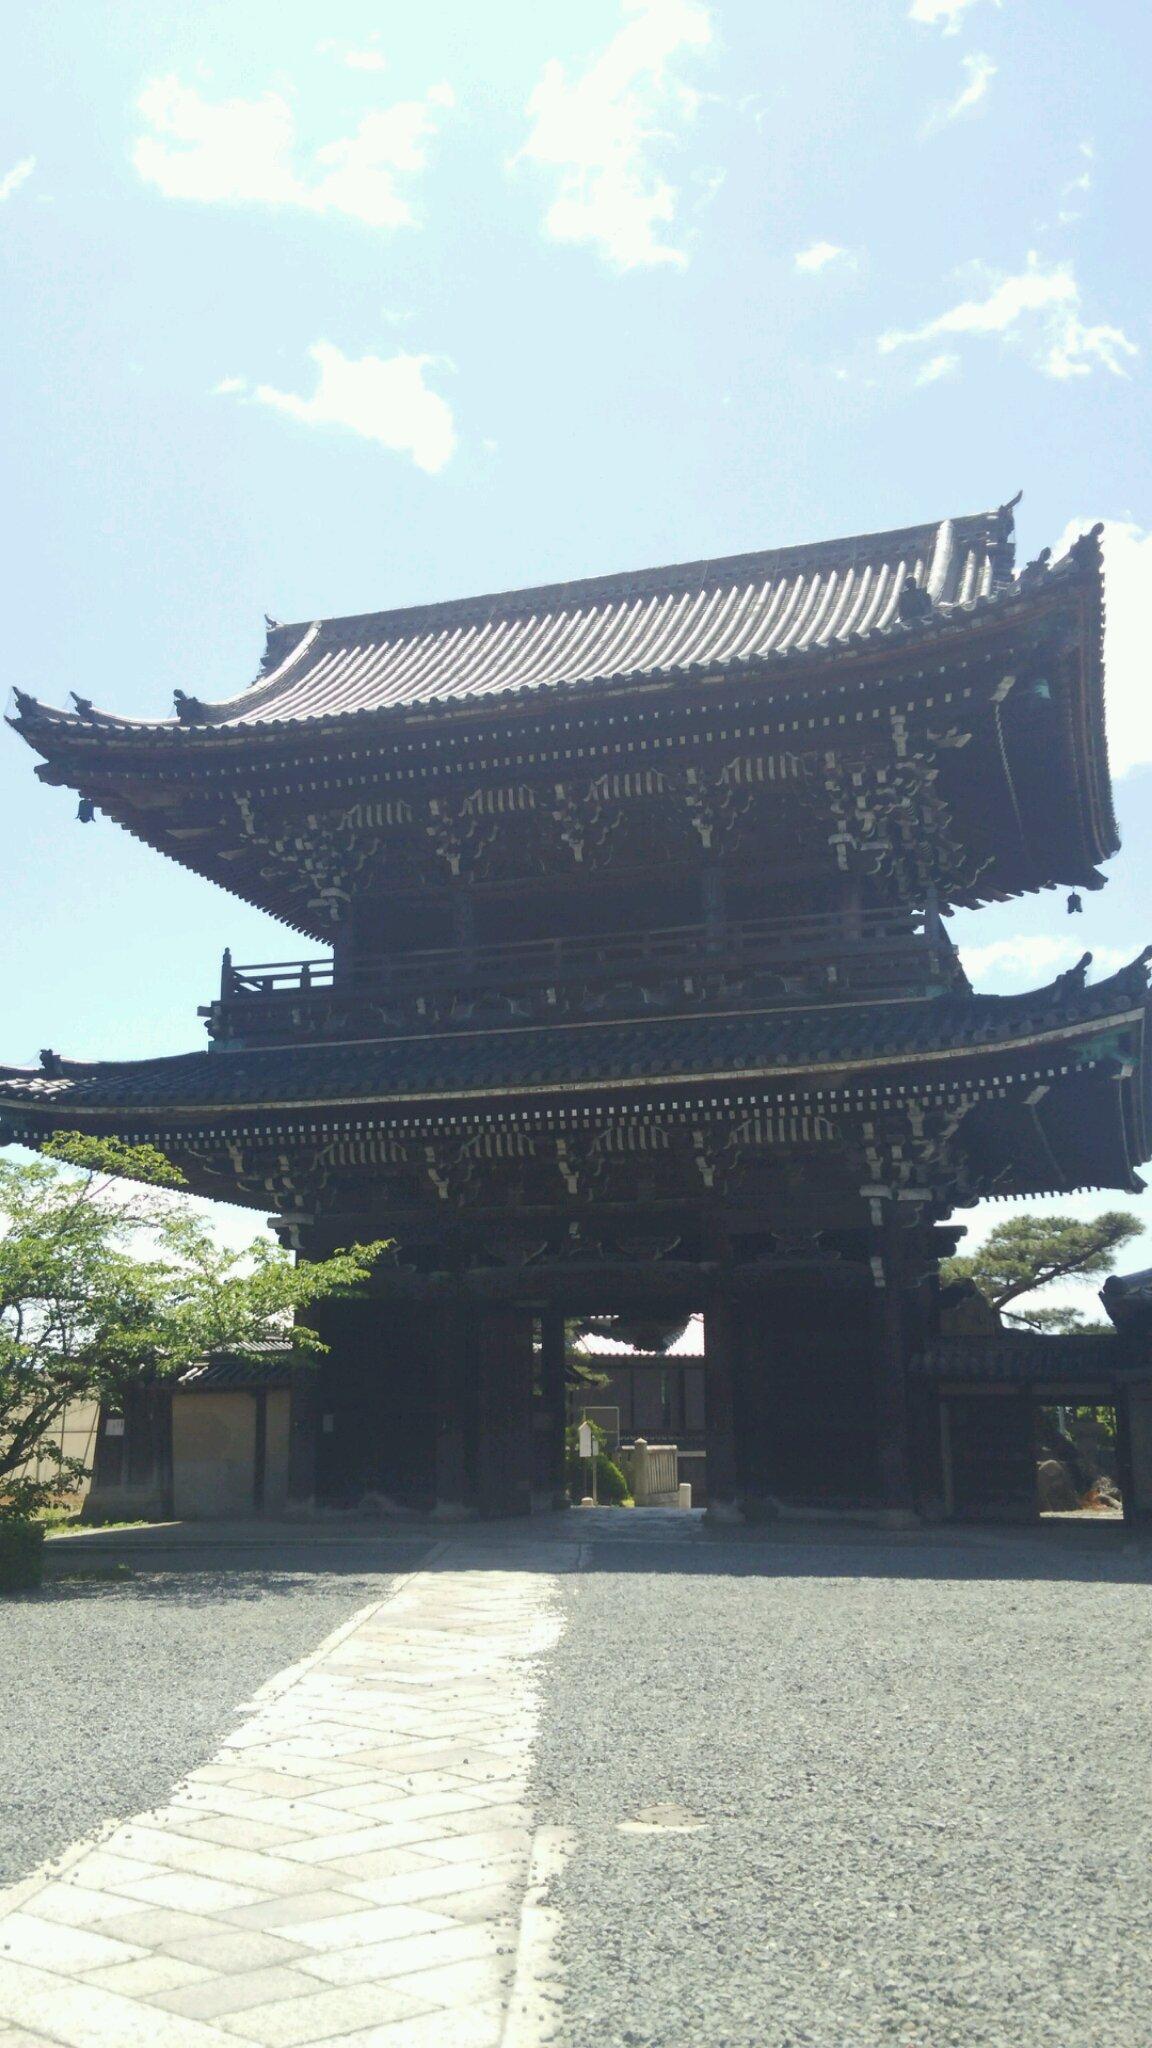 京都 清凉寺と浮田町を訪れました_d0179392_1215990.jpg